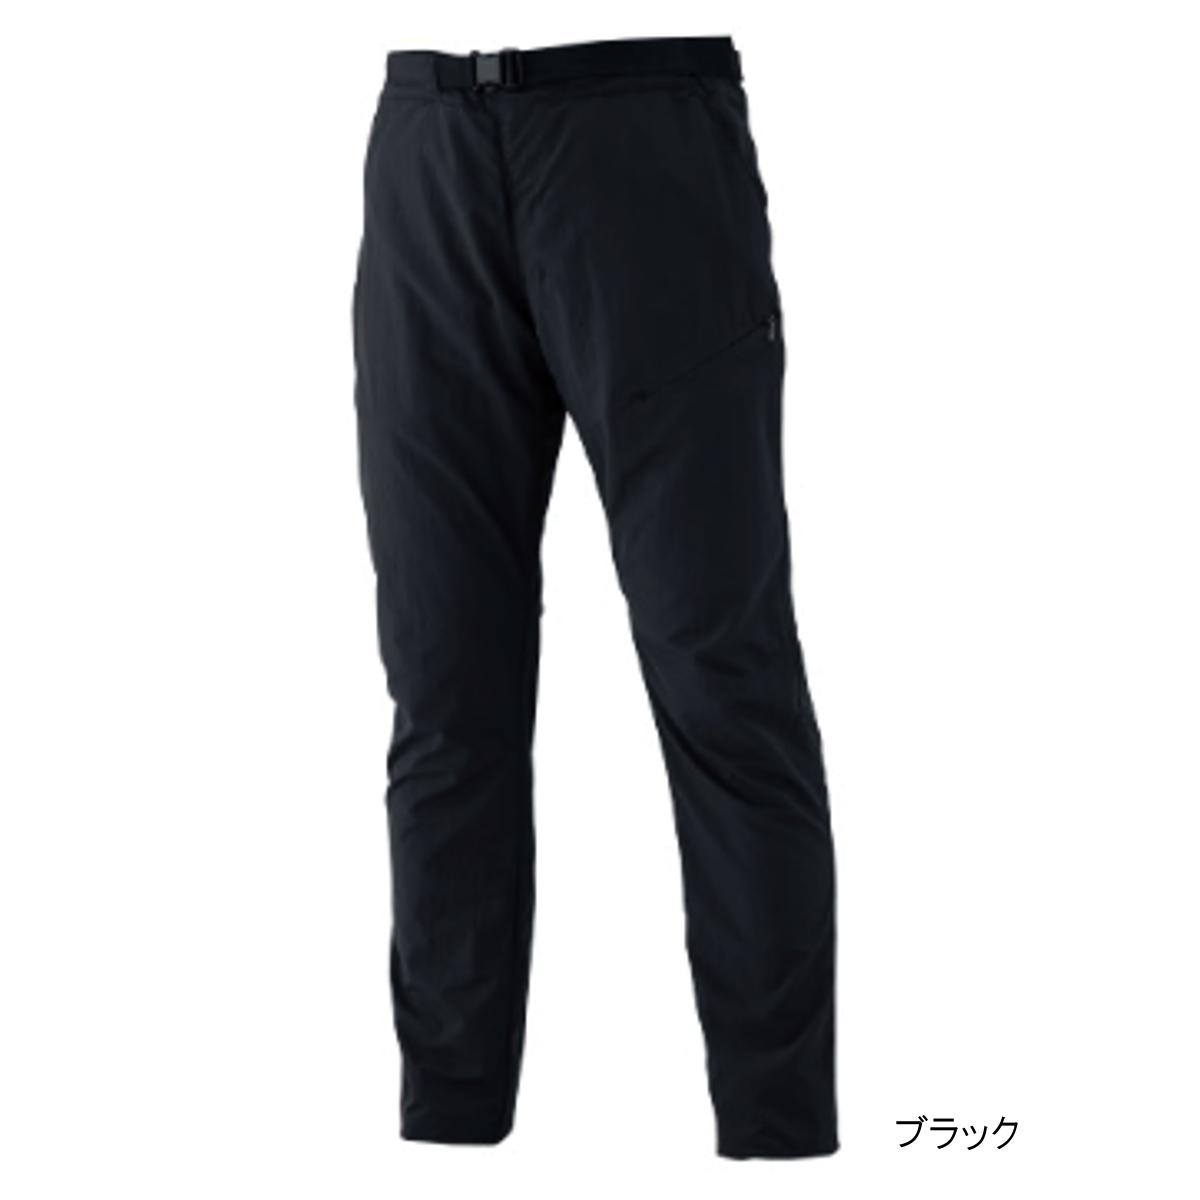 ノーフライゾーン フィールドパンツ(ロング) GM-3564 3L ブラック【同梱不可】